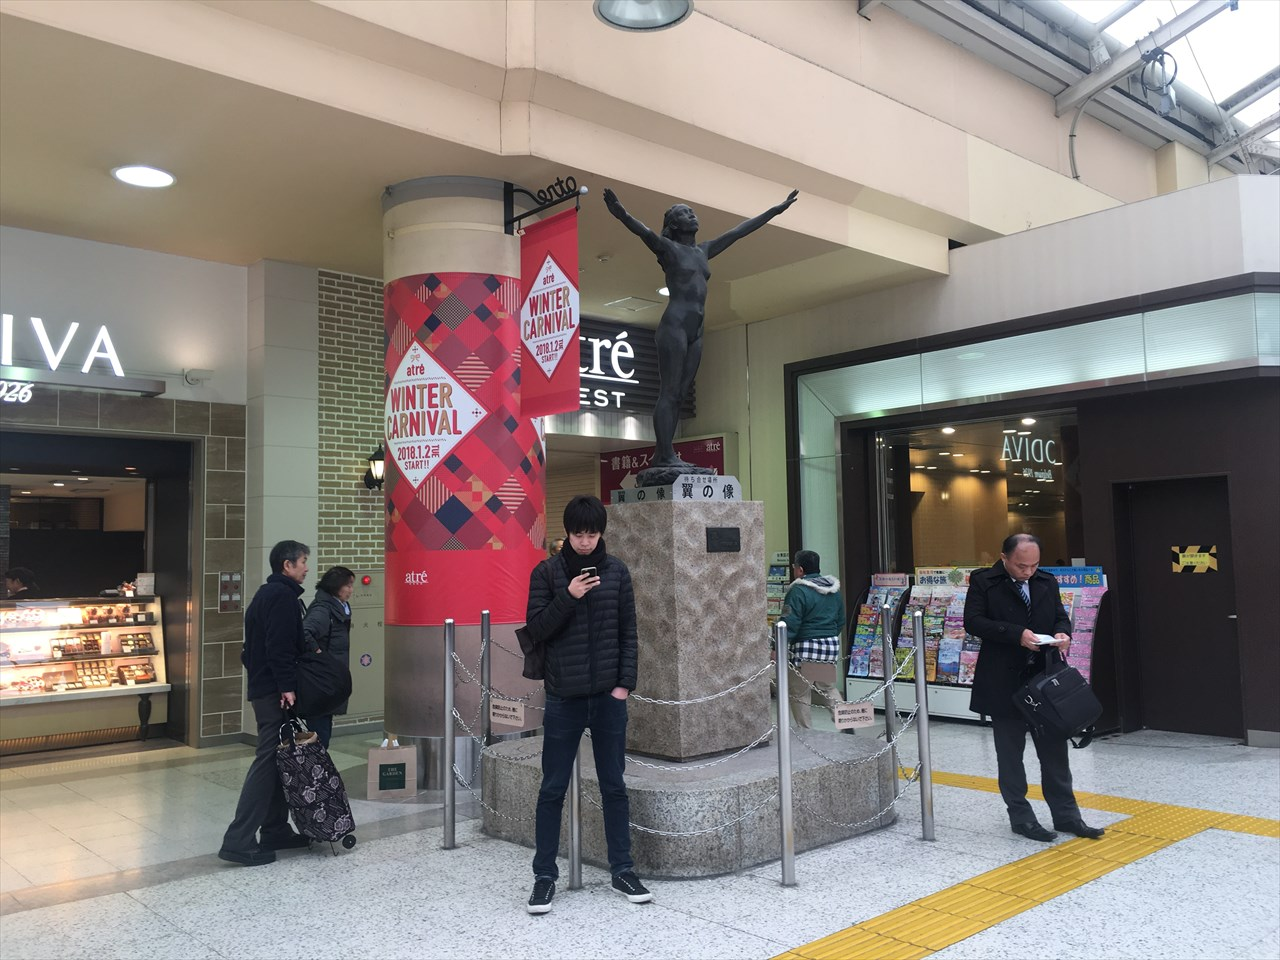 翼の像(中央改札・広小路口)|東京待ち合わせ場所ナビ